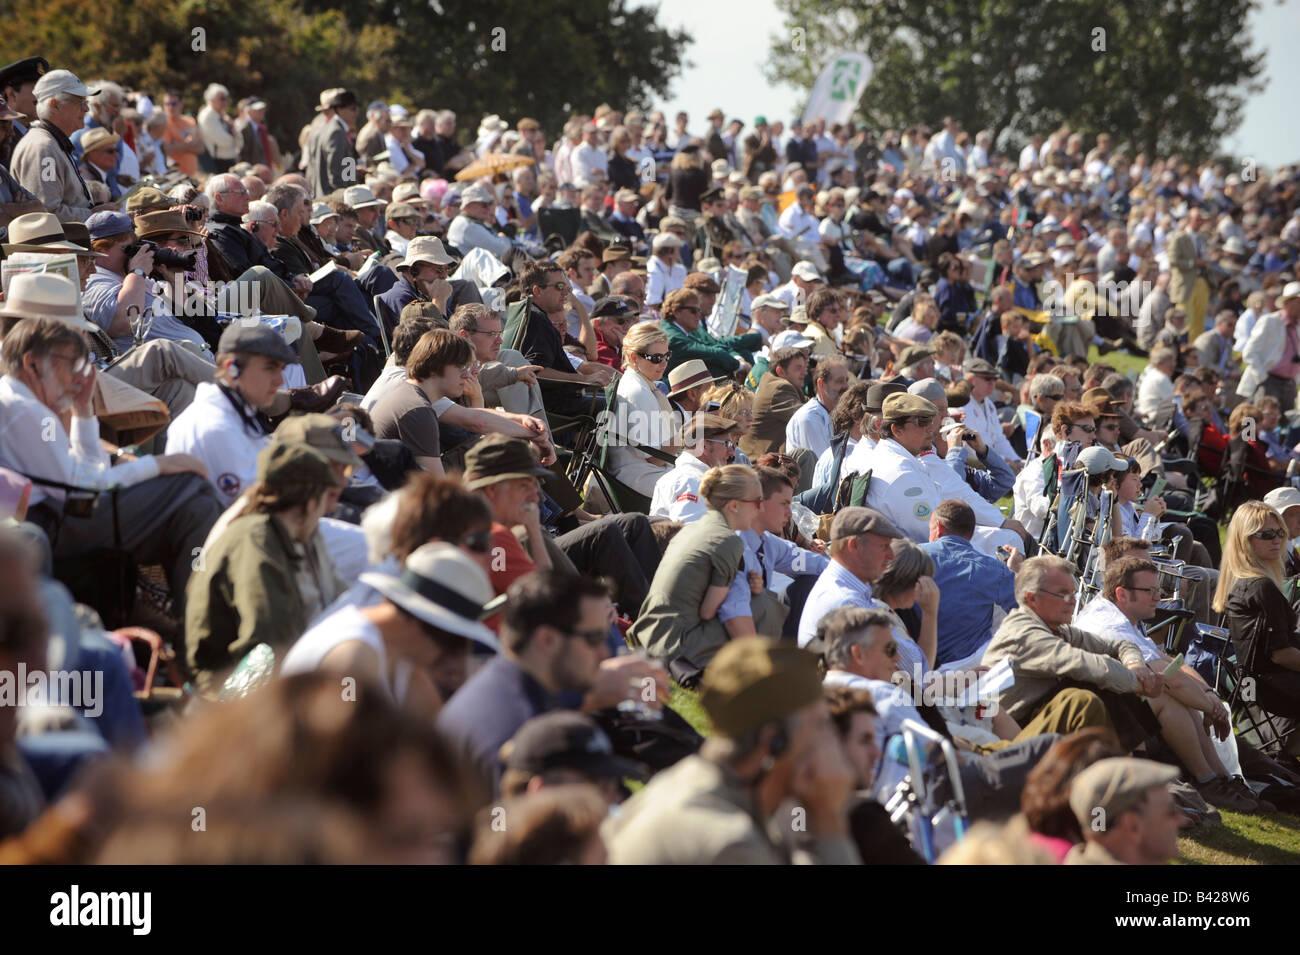 Goodwood Revival 2008: Massen packen die historischen Motorkreis in Sussex. Bild von Jim Holden. Stockbild